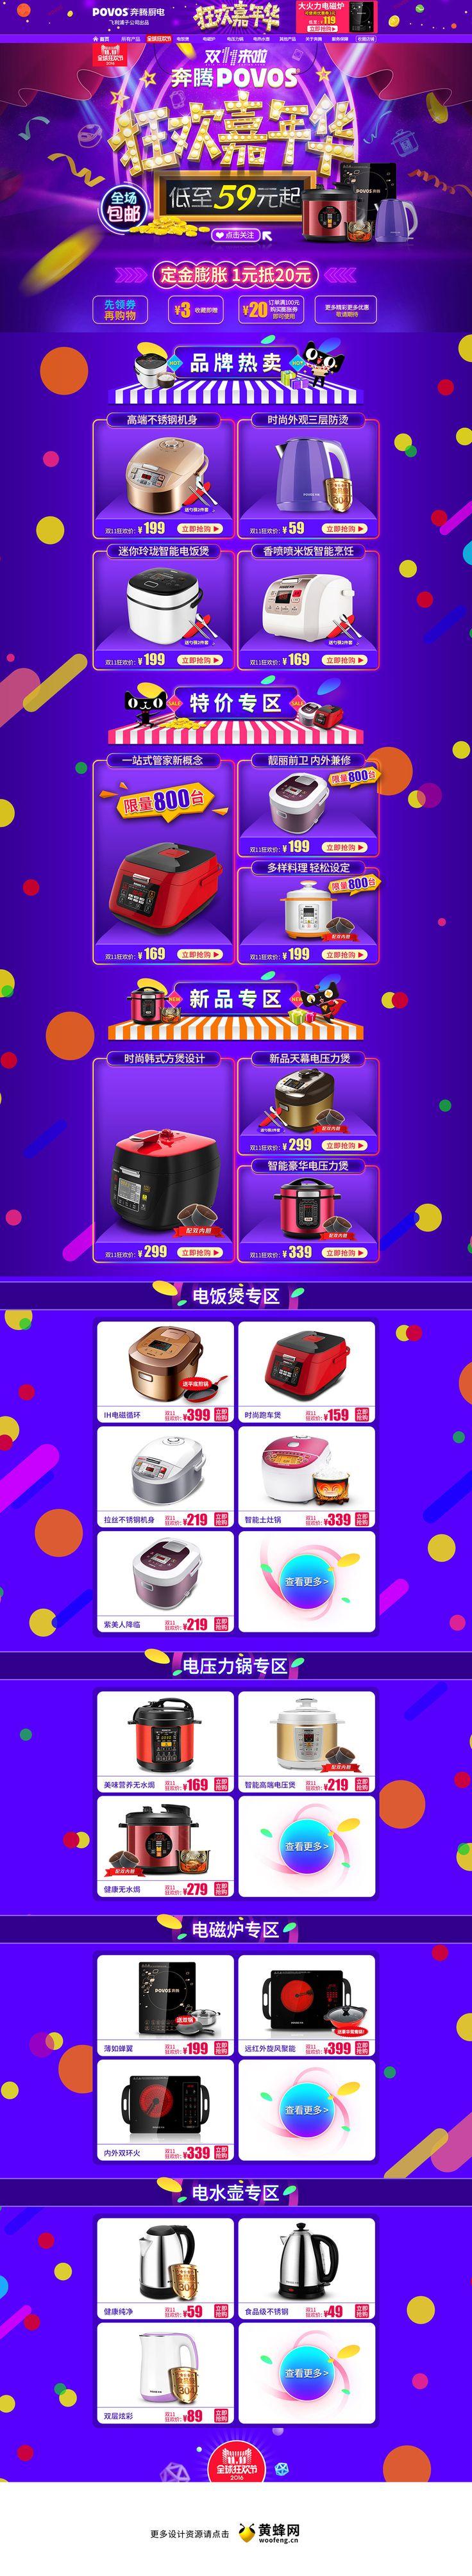 奔腾电器家电3C数码家用电器天猫双11预售双十一预售首页页面设计 更多设计资源尽在黄蜂网http://woofeng.cn/